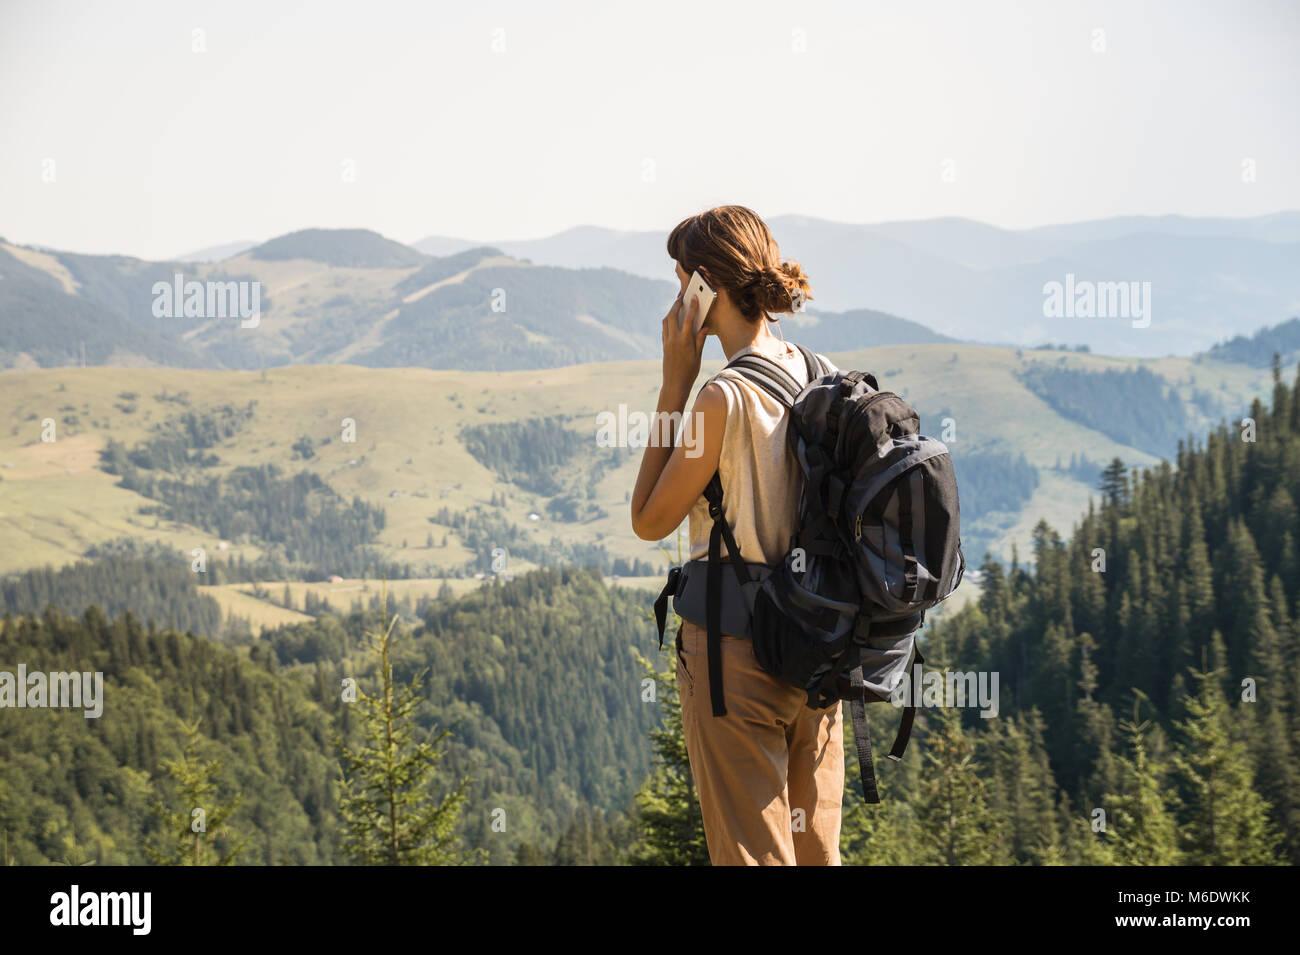 Ragazza con zaino turistico su una lunga escursione a piedi i colloqui sullo smartphone in collina Immagini Stock